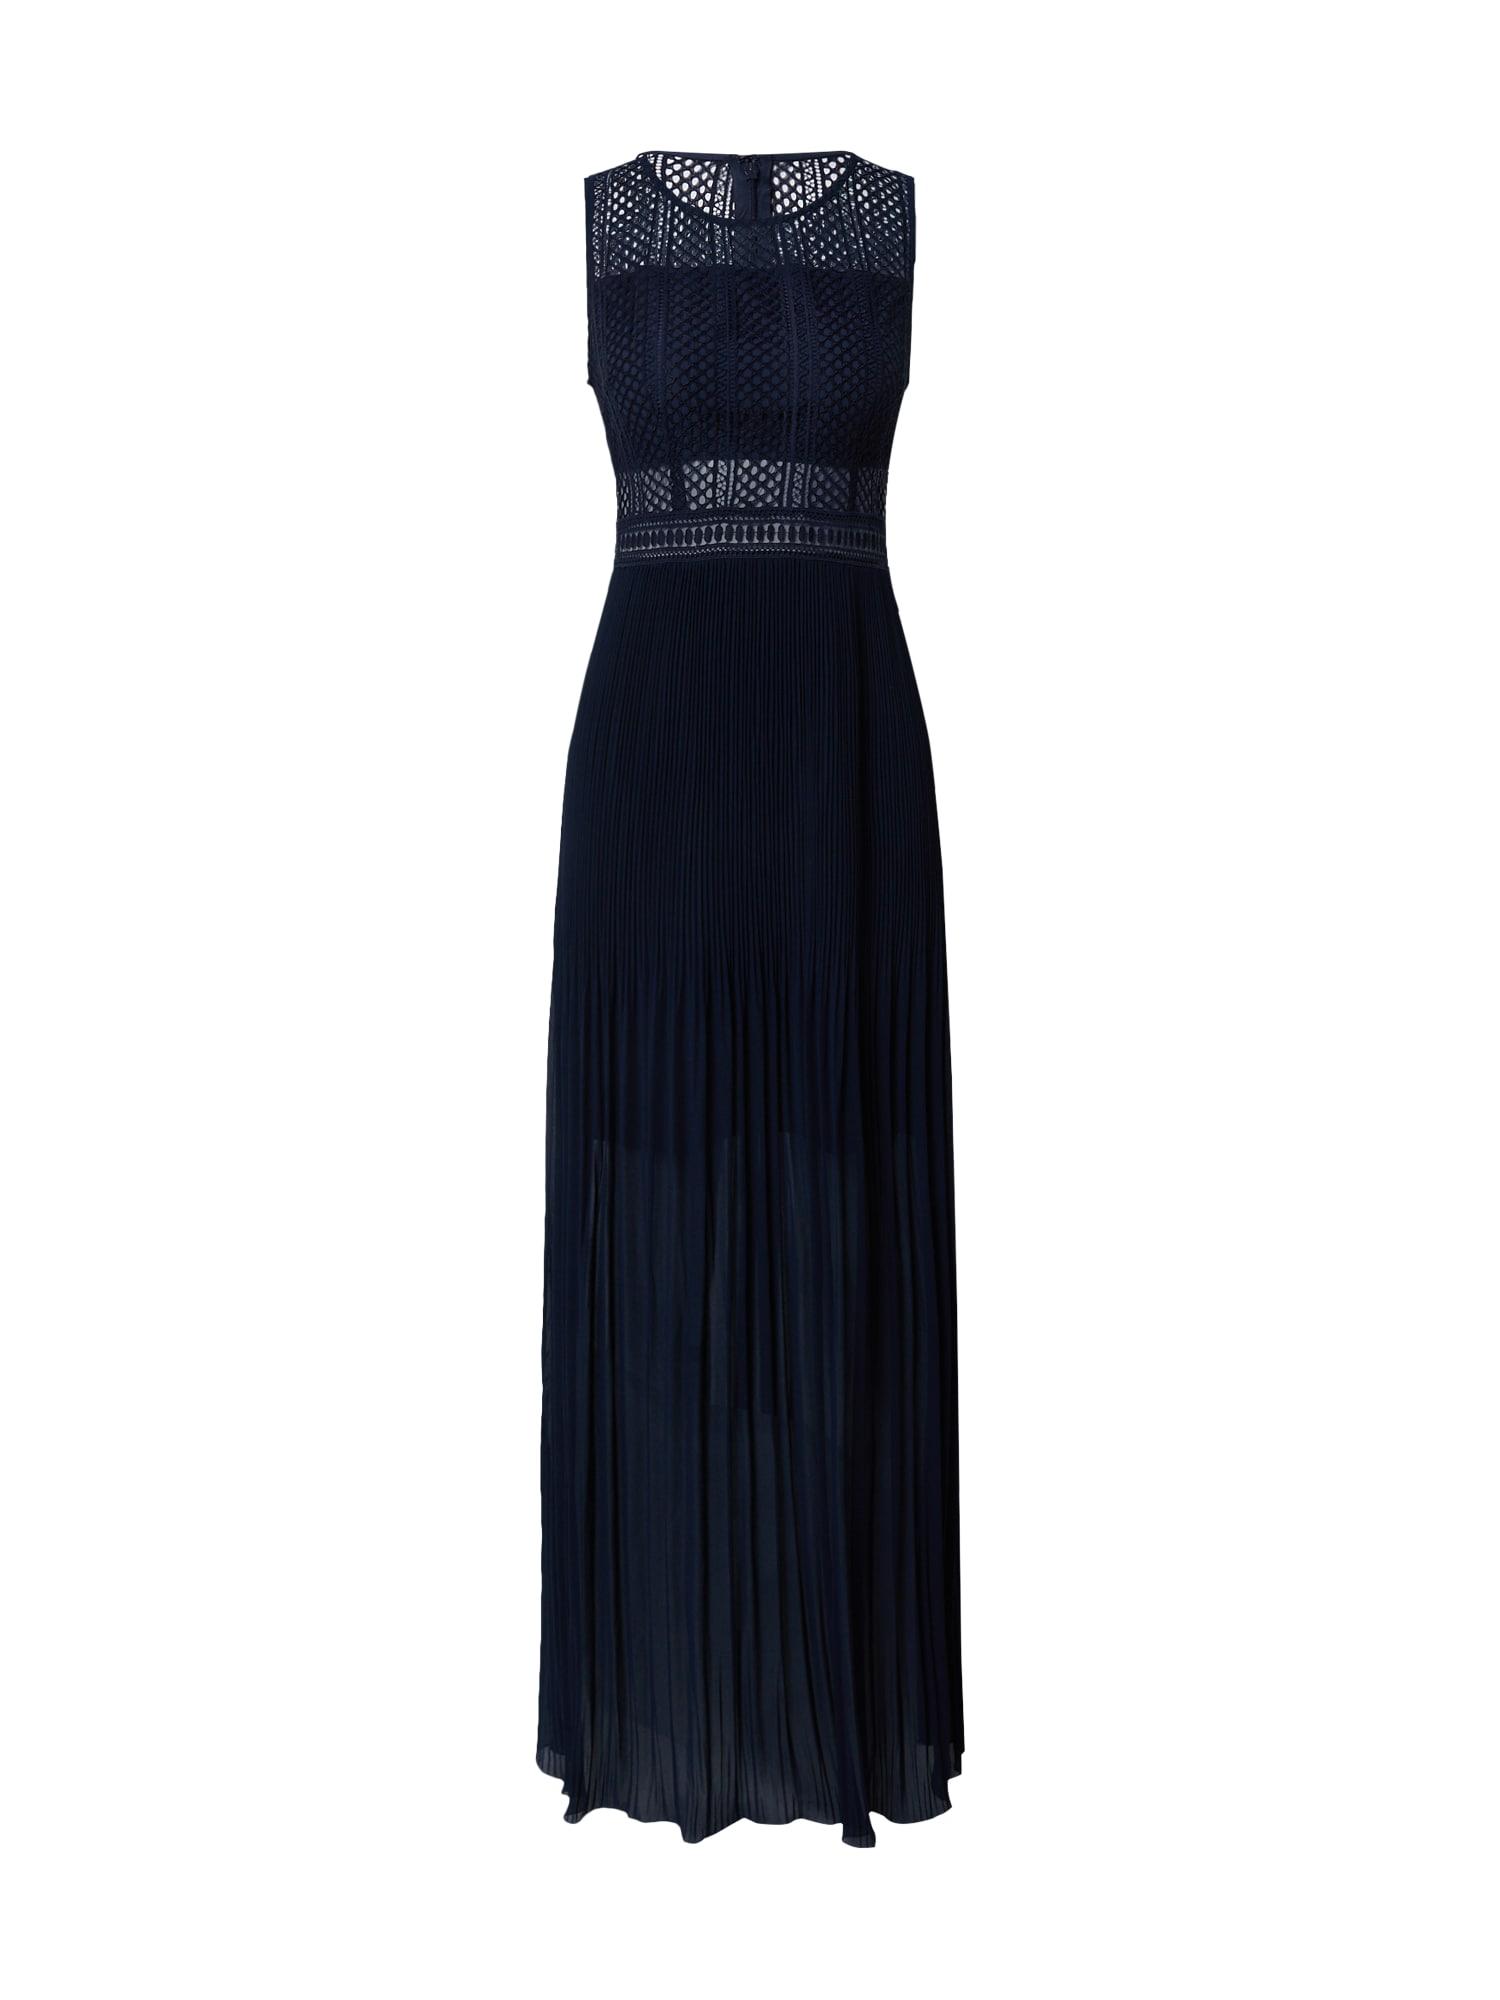 APART Suknelė nakties mėlyna